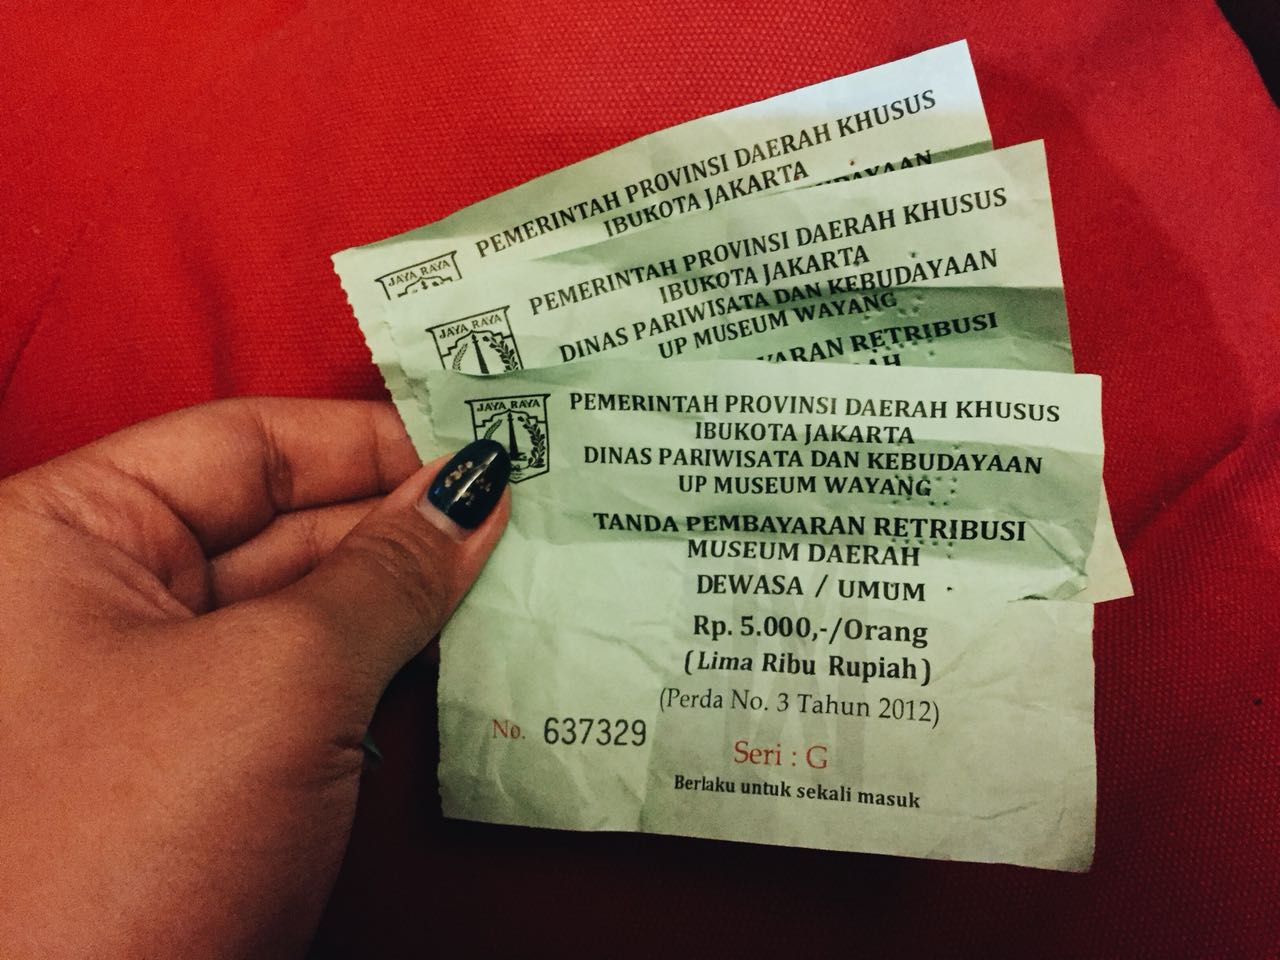 tiket museum wayang